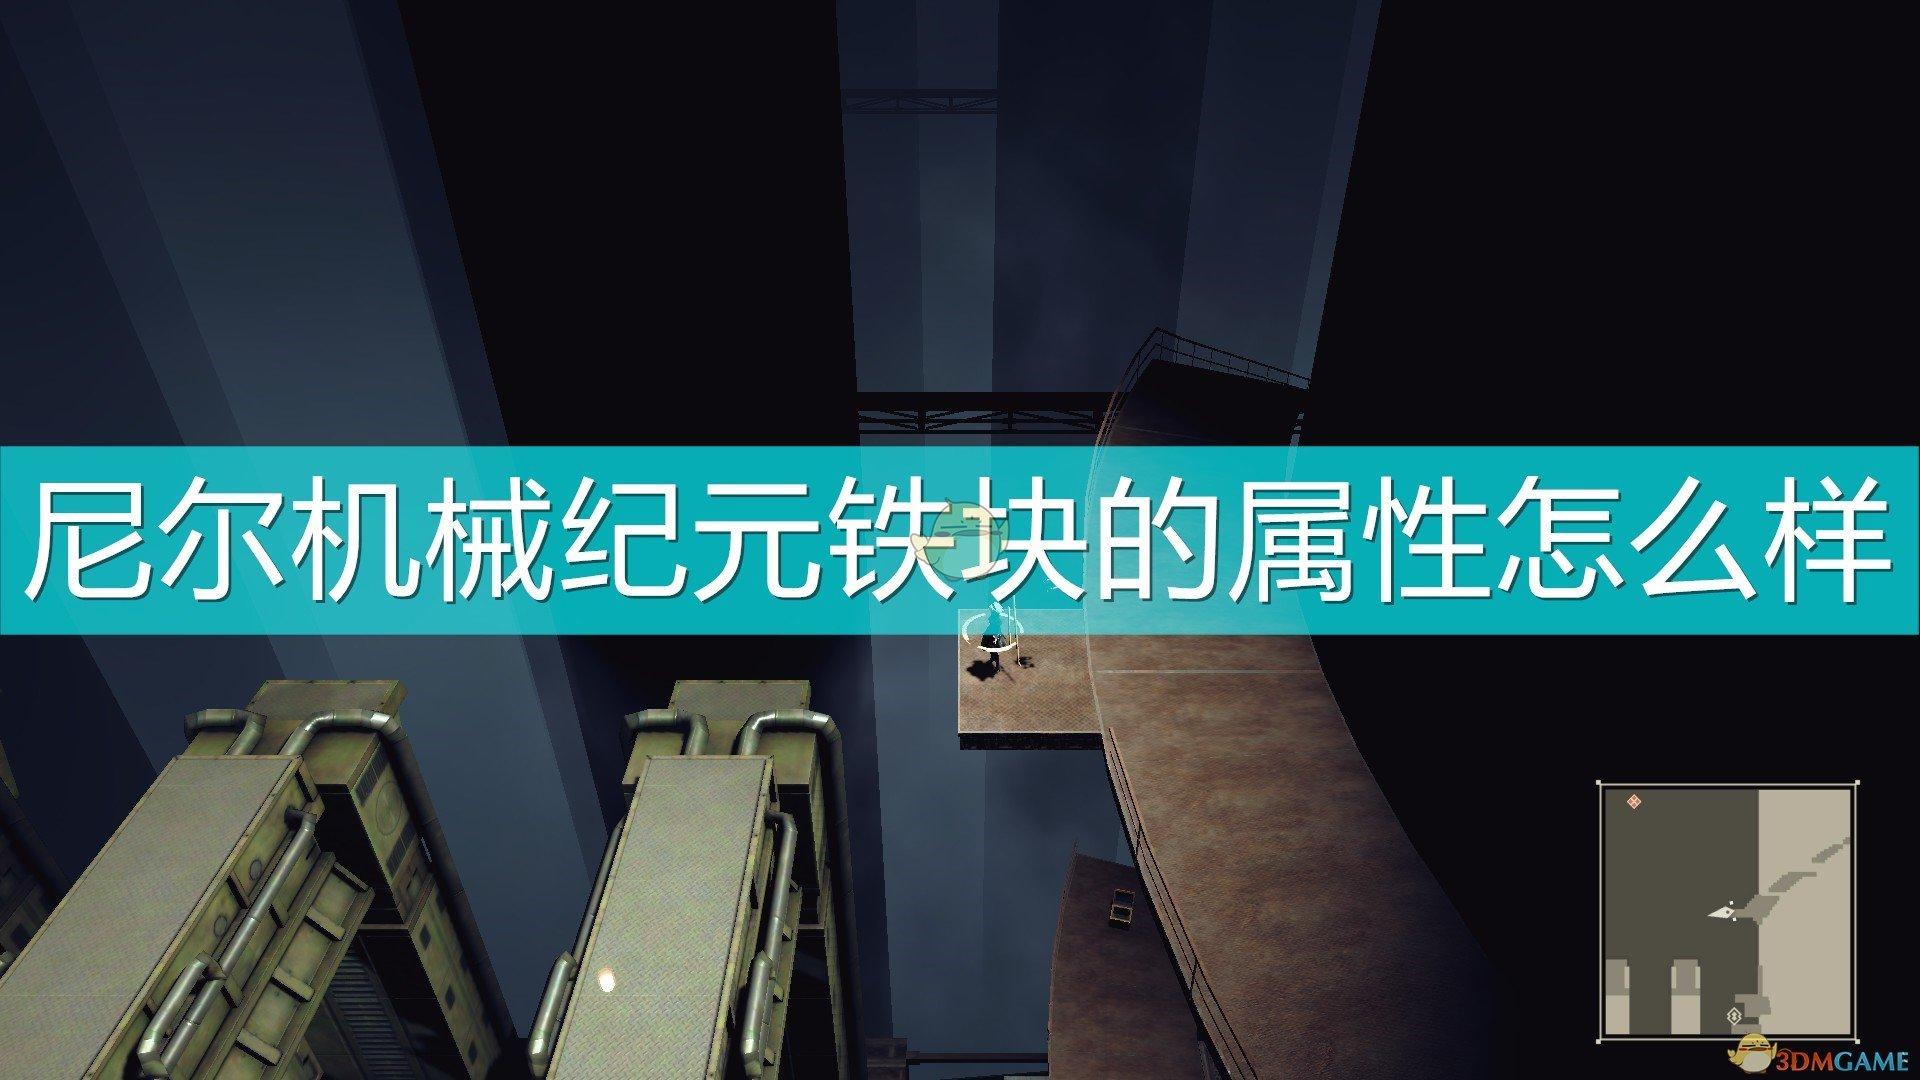 《尼尔:机械纪元》武器铁块属性及特殊能力介绍